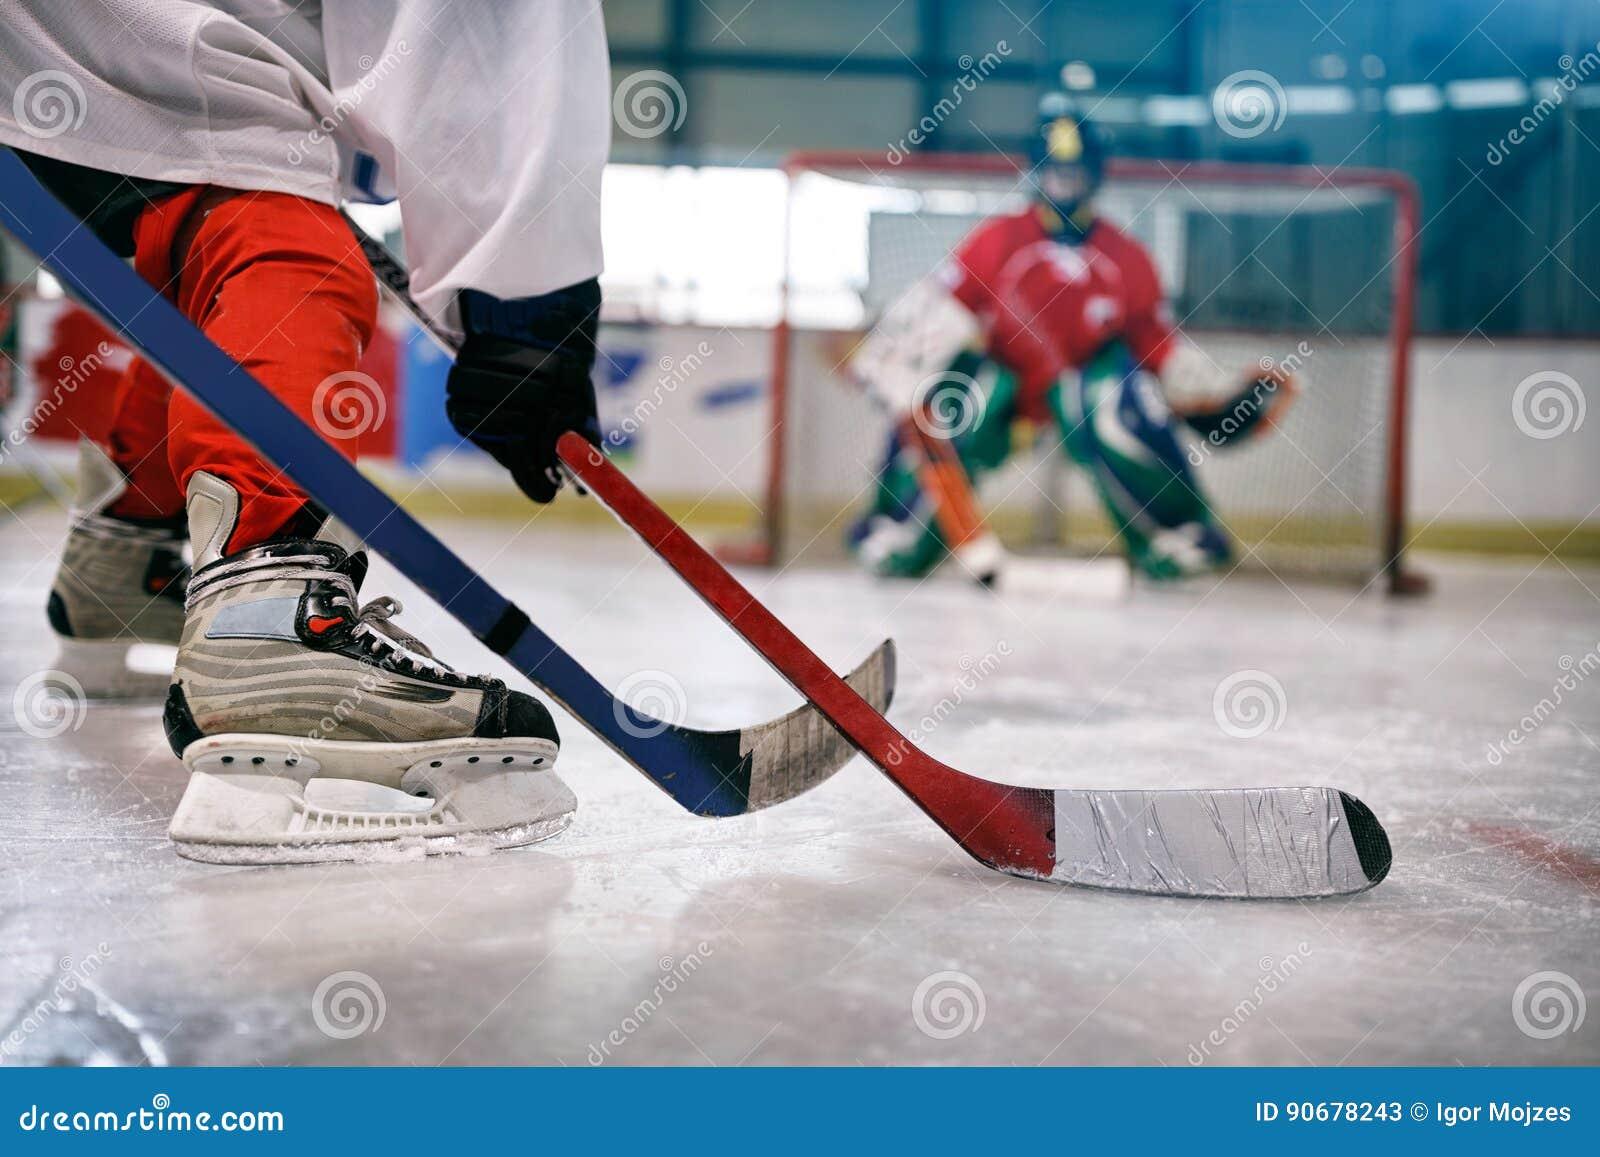 Ijshockeyspeler in actie het schoppen met stok